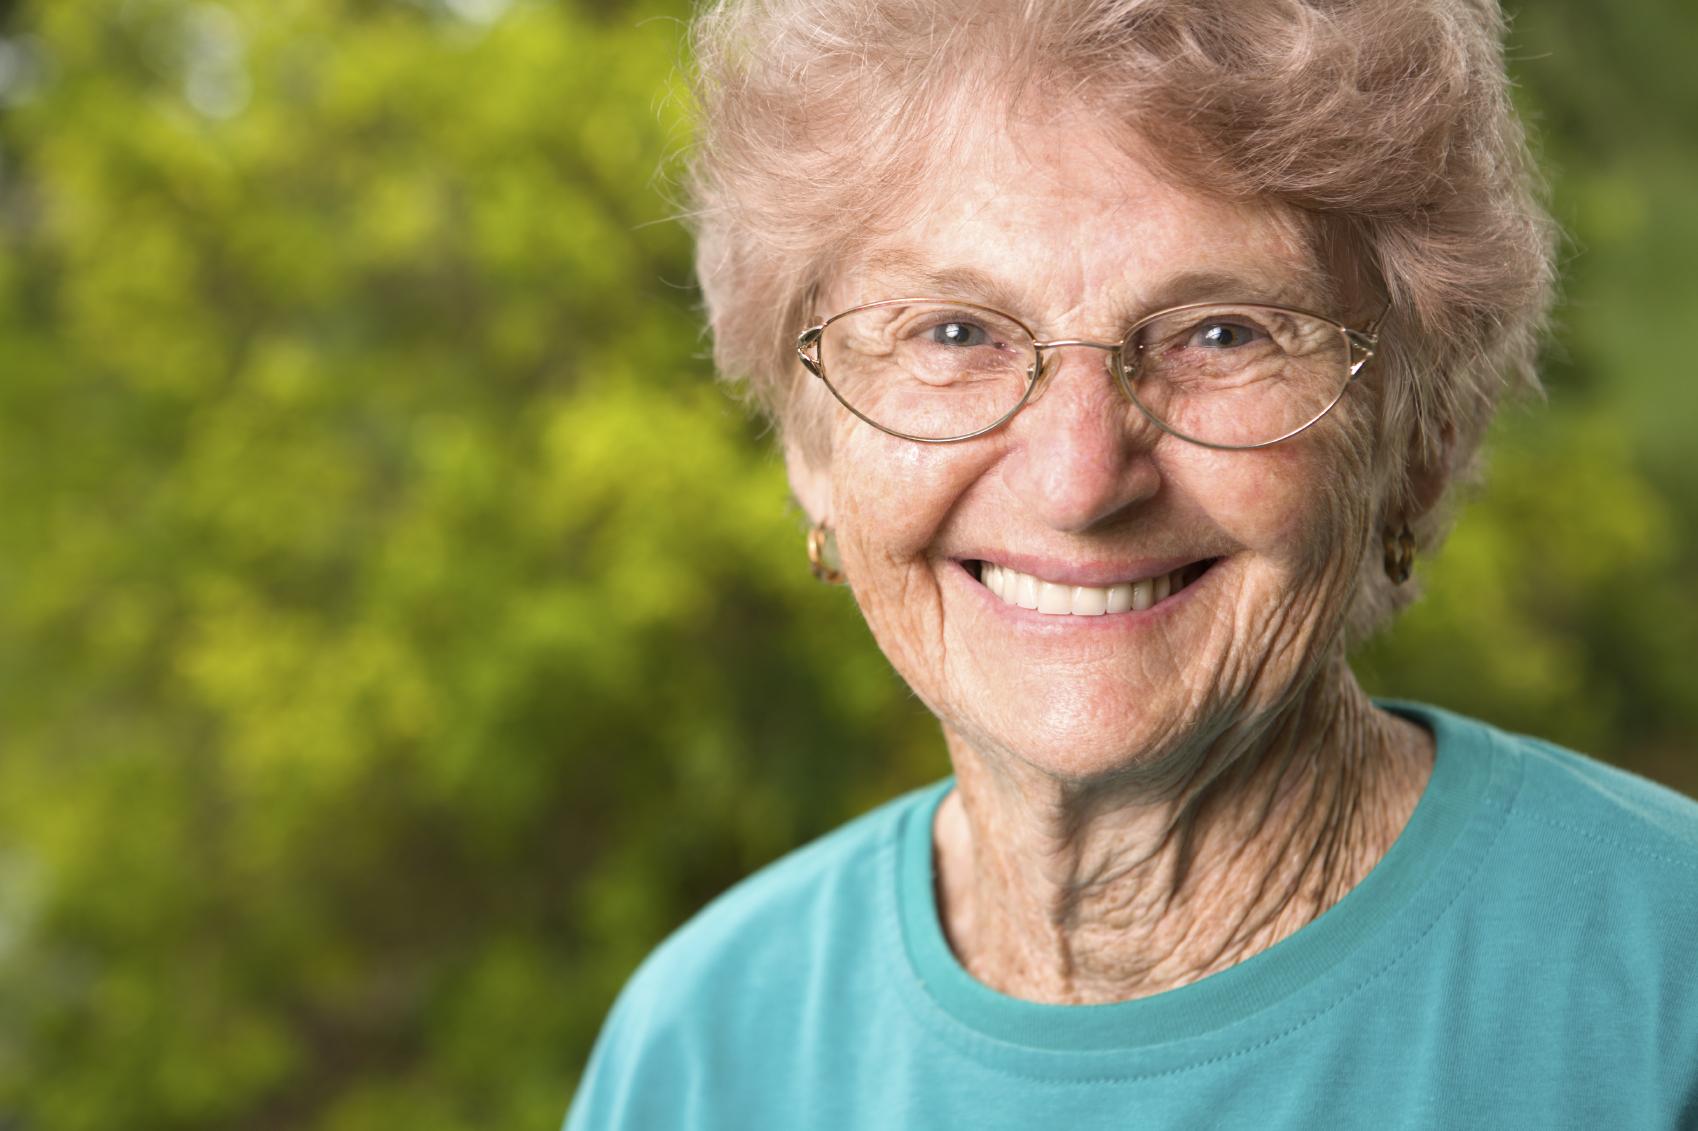 grandmothers proj grandmothers clinics - HD2000×1333